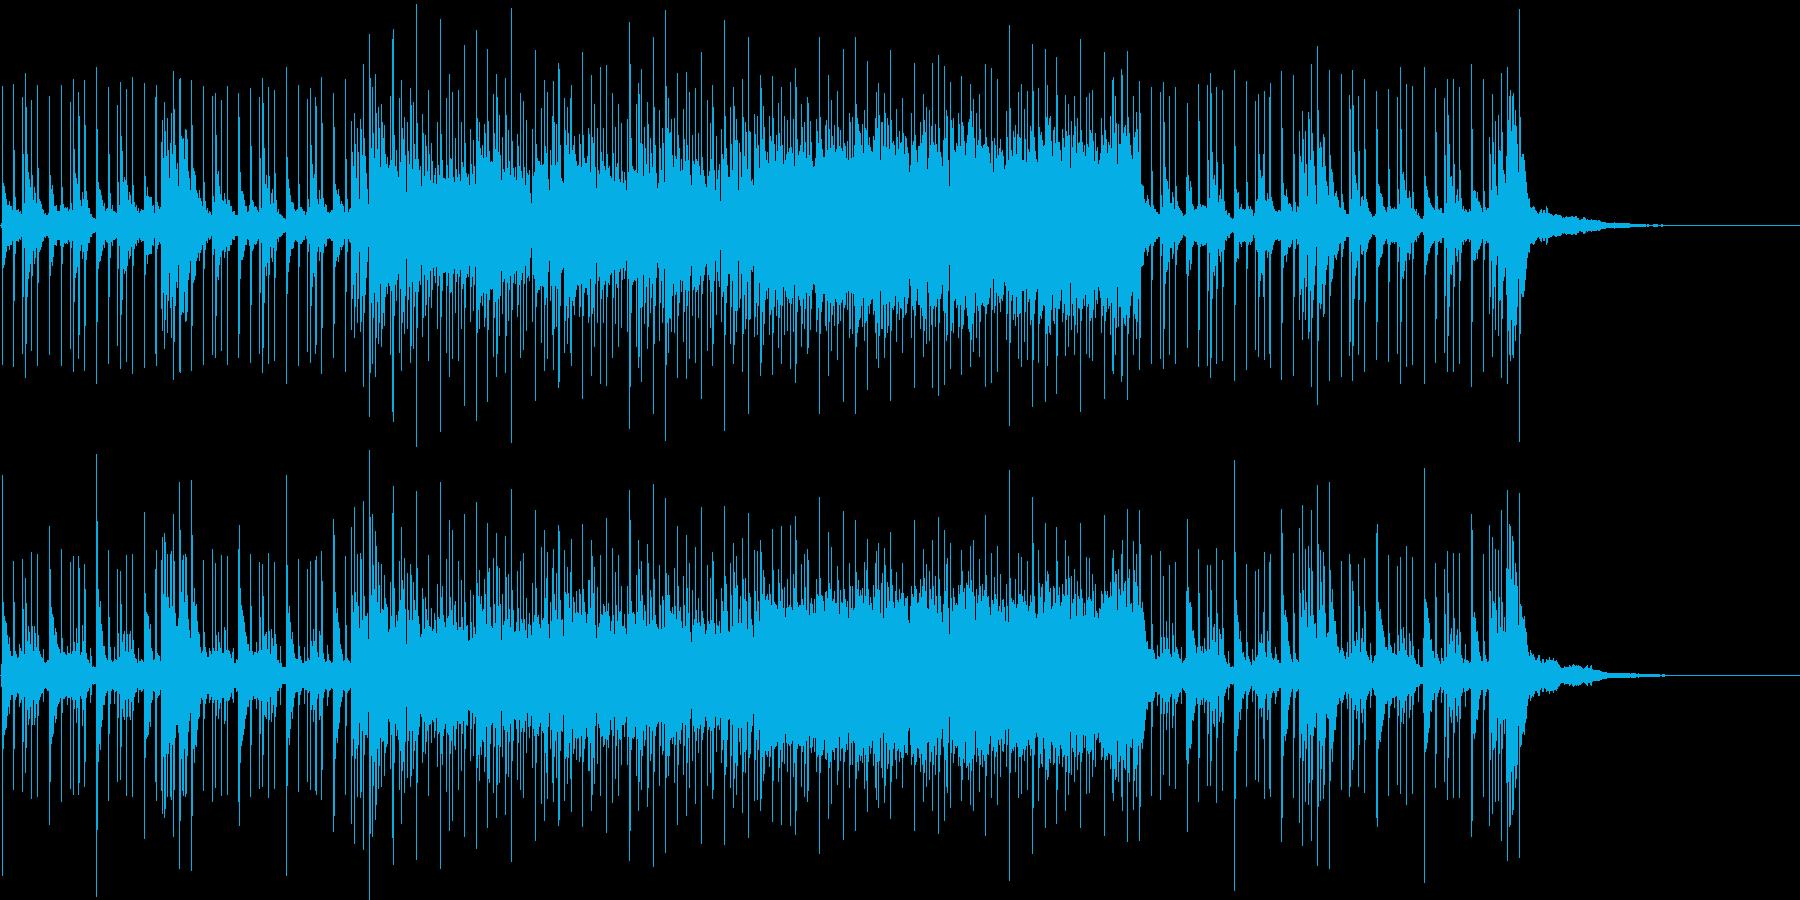 危険なマイナー・ドキュメント/テクノの再生済みの波形